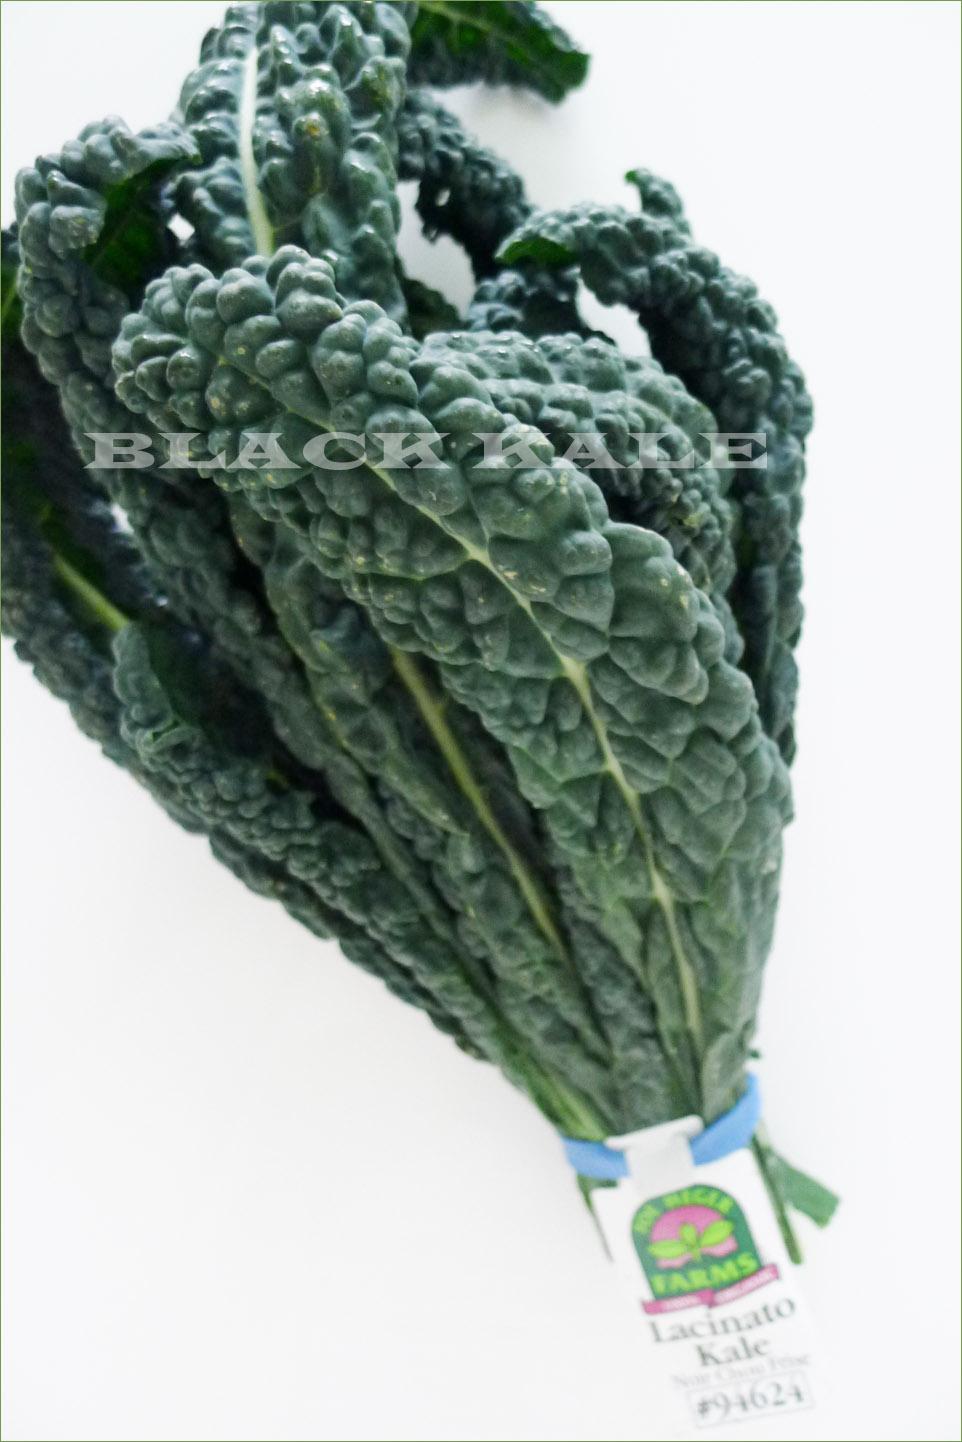 kalesalad1